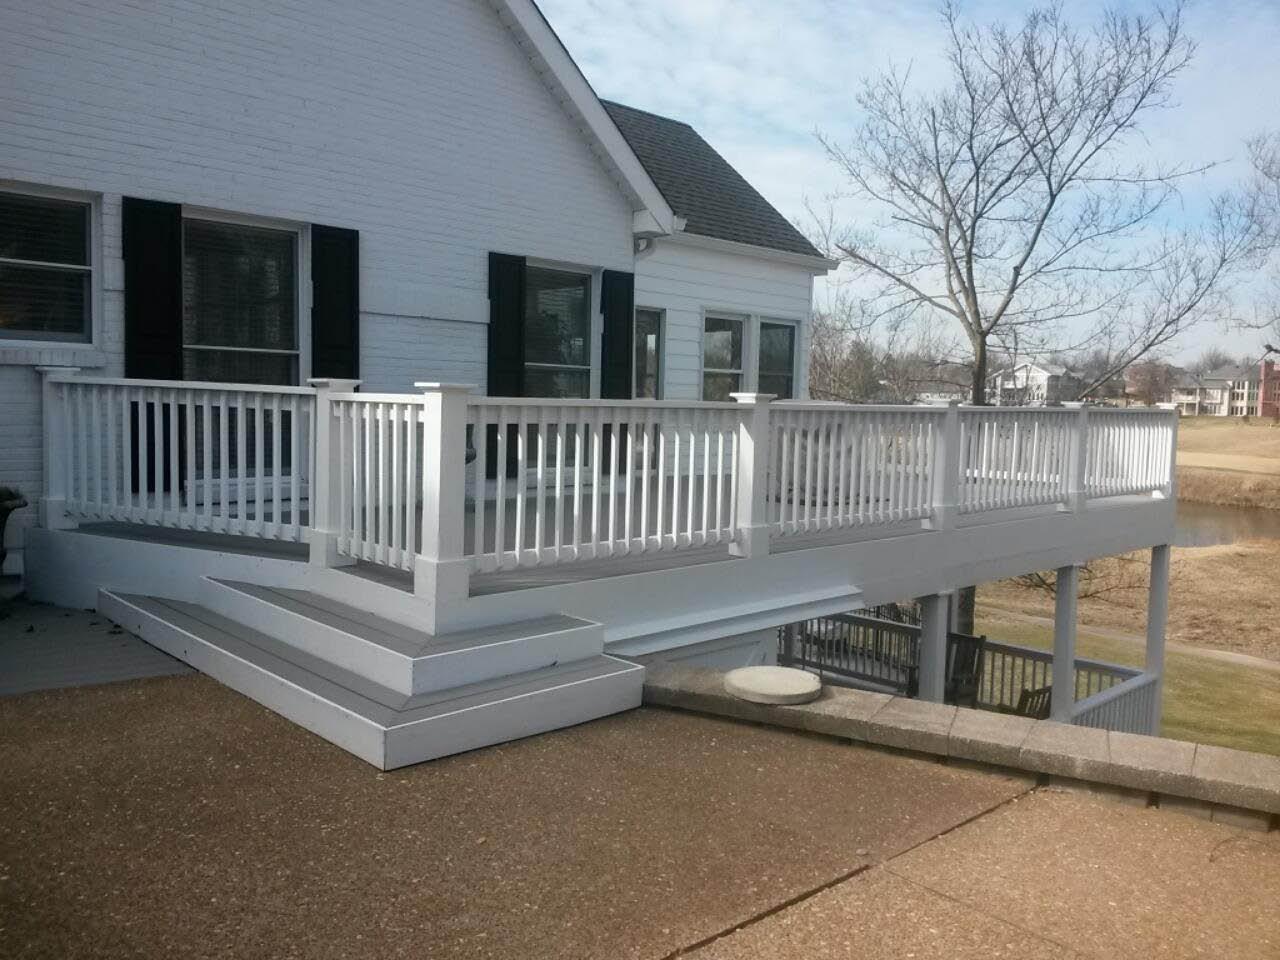 Deck designs, deck plans near St Louis